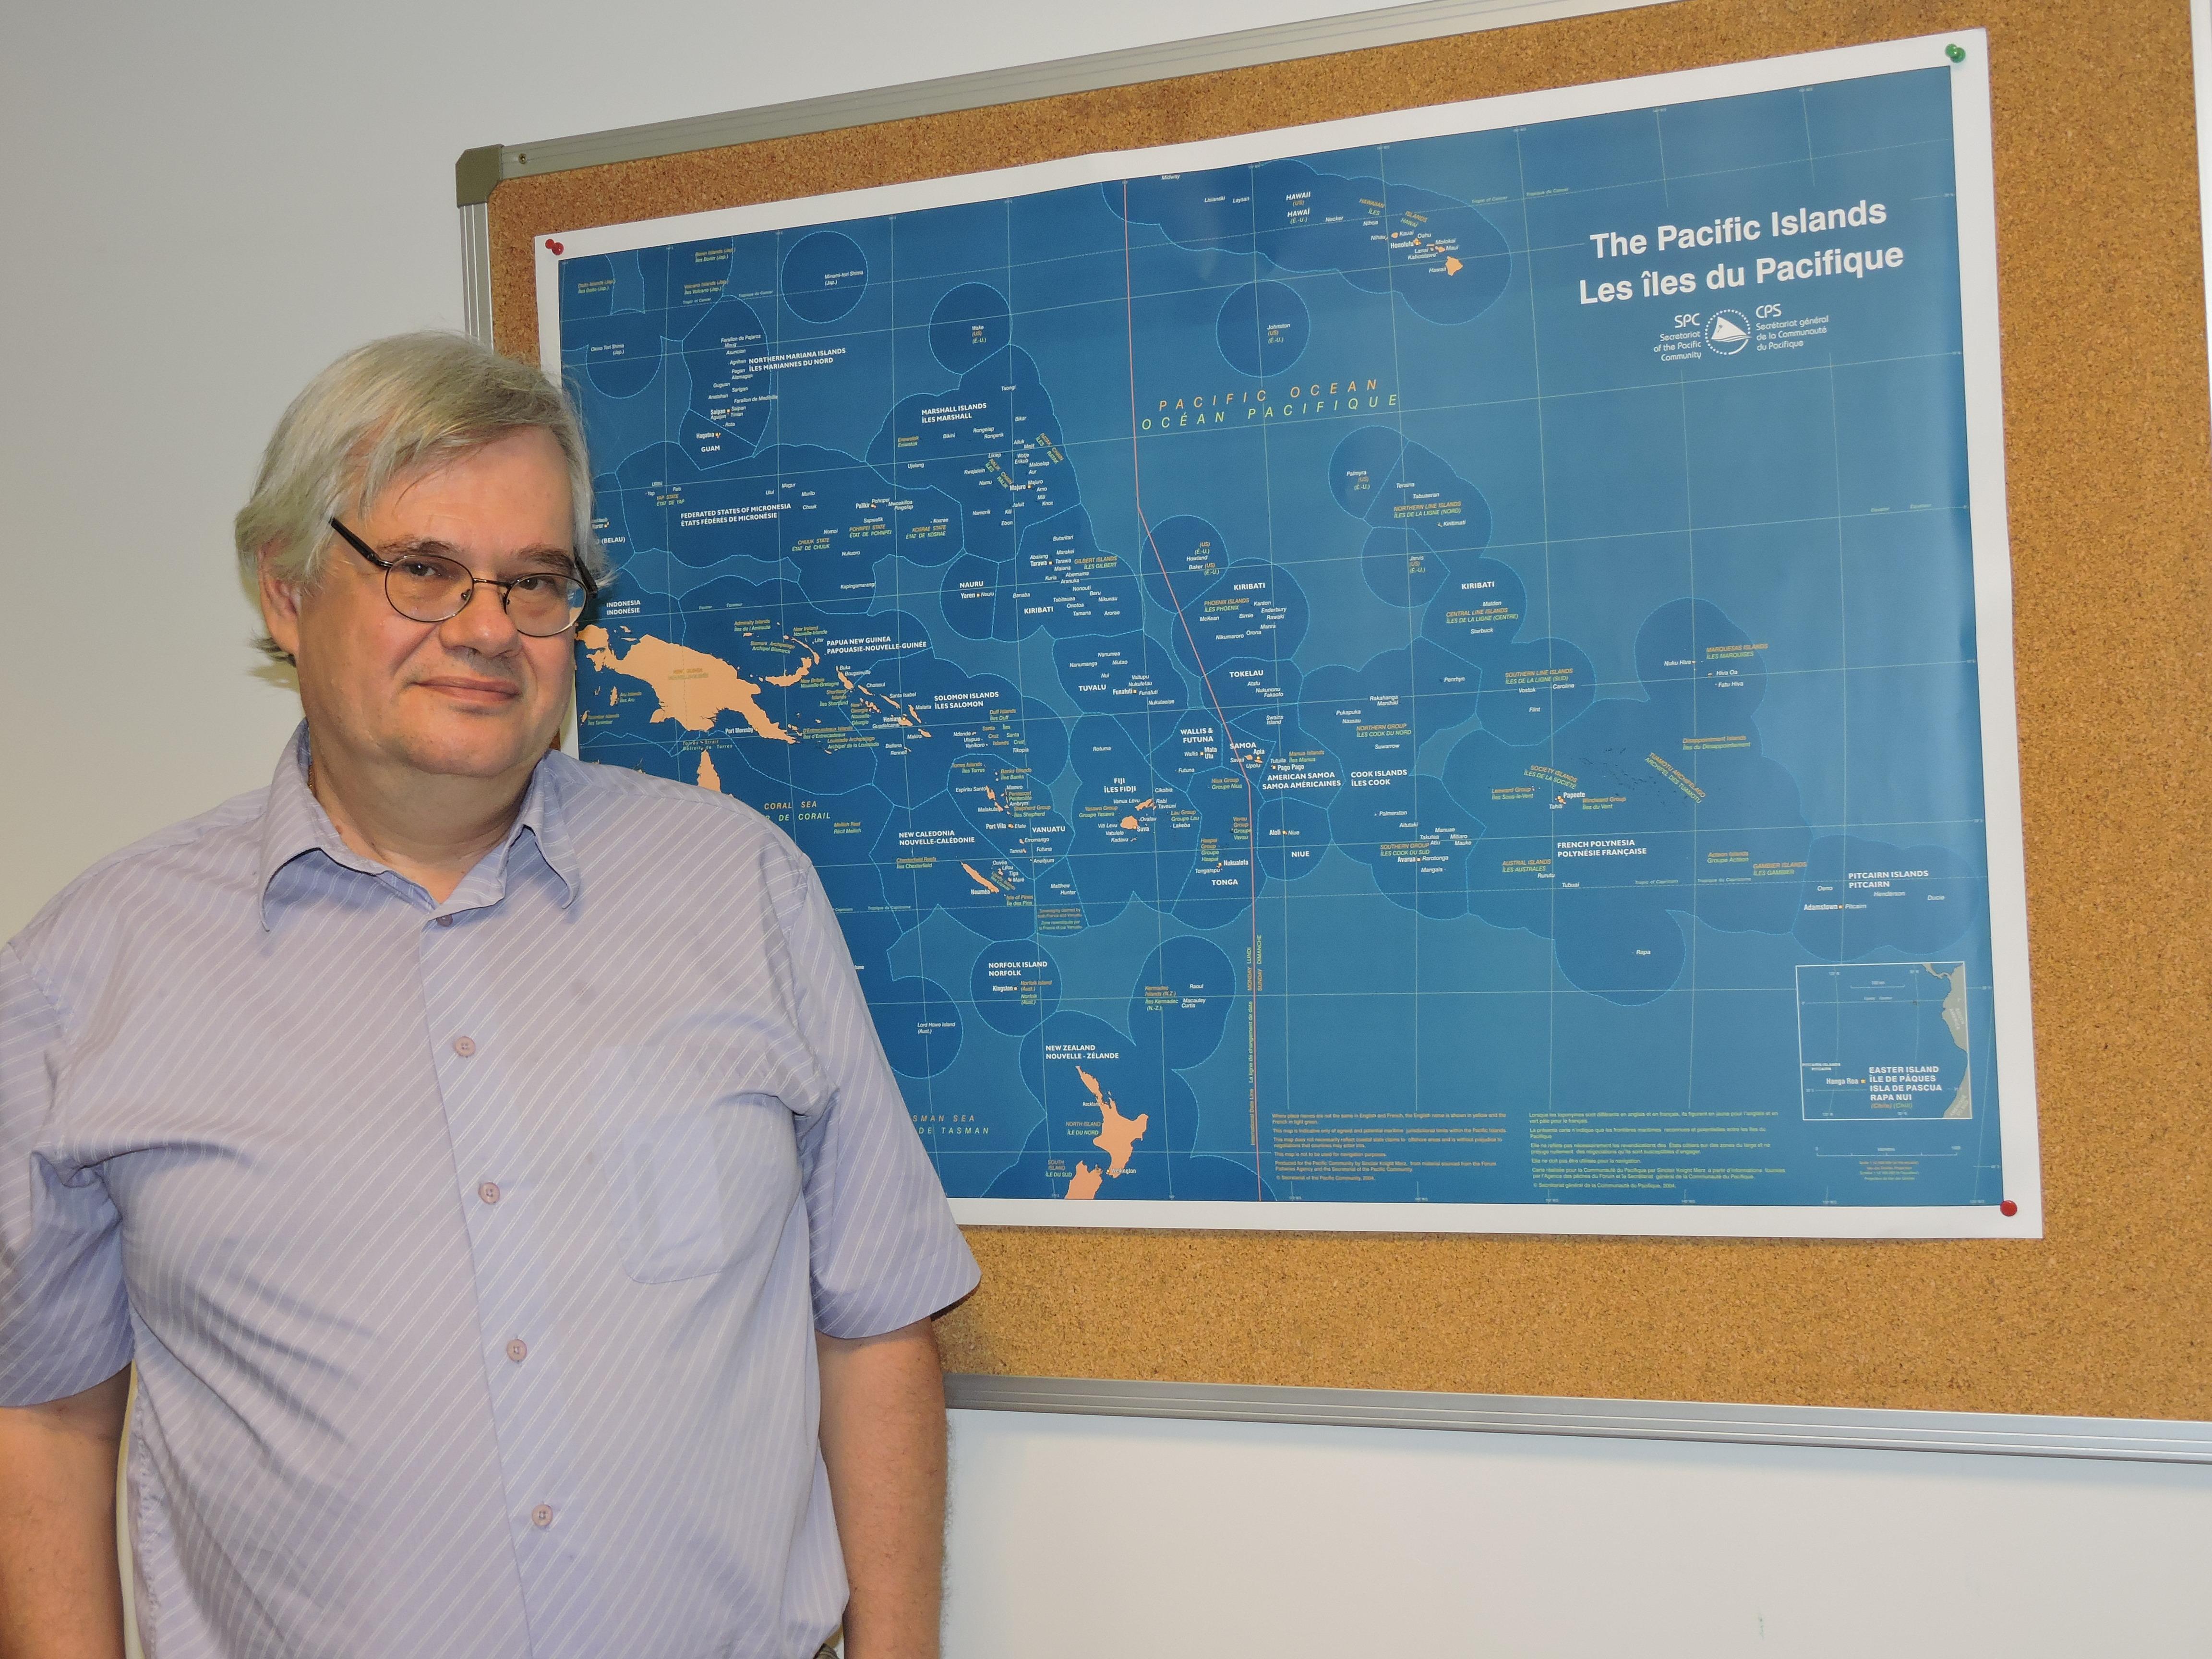 Chaque année, une quarantaine de projets sont financés par le Fonds Pacifique, indique Christian Lechervy, ambassadeur et secrétaire permanent pour le Pacifique.